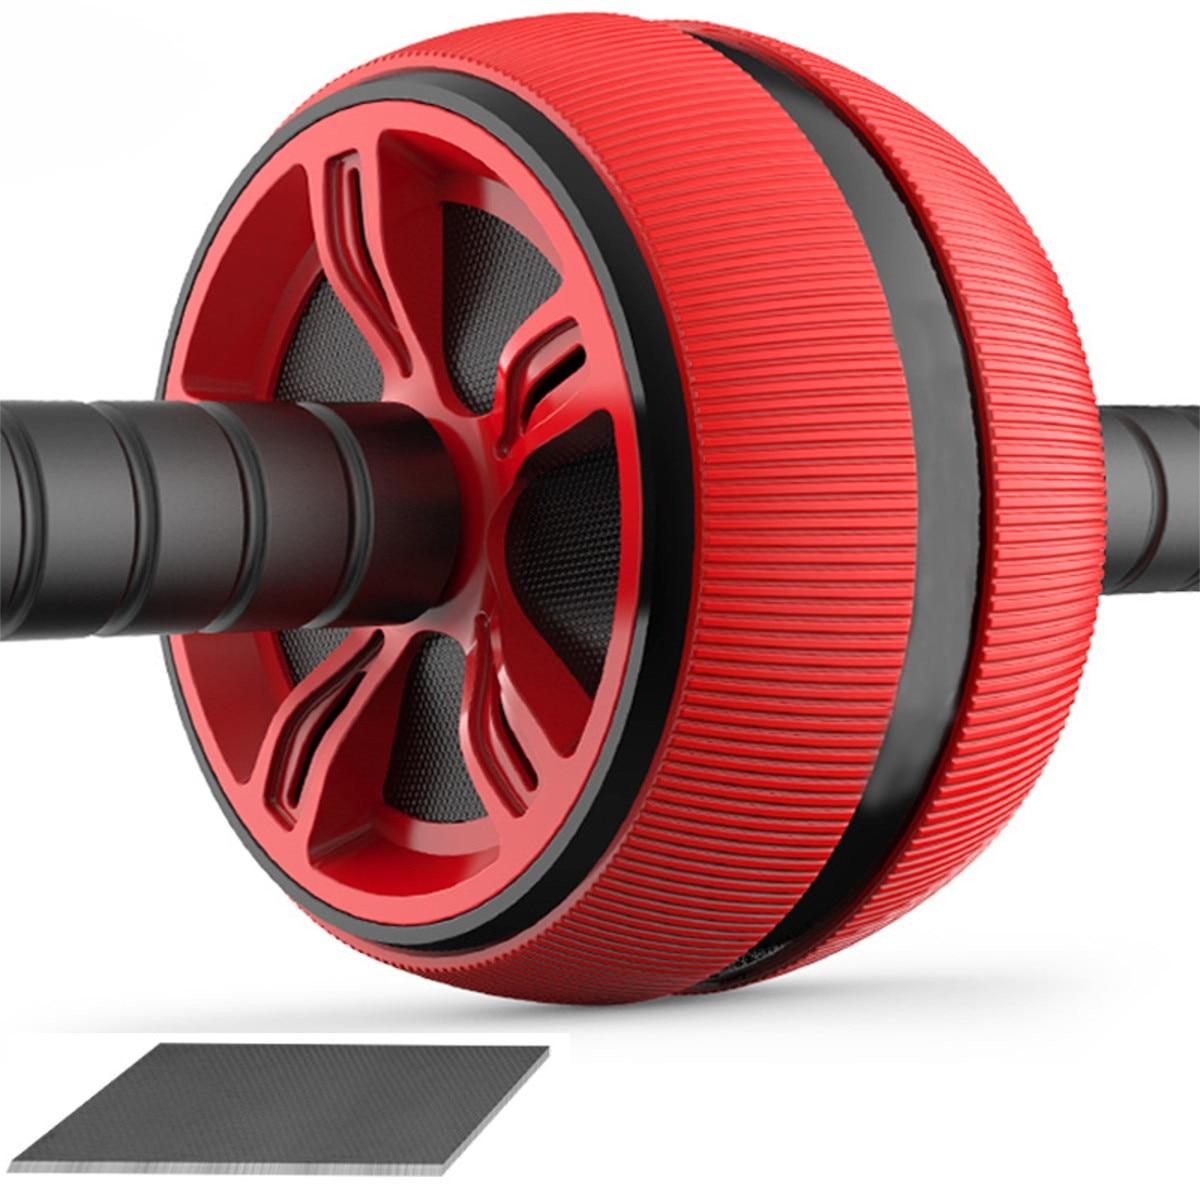 ABS Bauch Roller Übung Rad Fitness Ausrüstung Stumm Roller Für Arme Zurück Bauch Core Trainer Körper Form Ausbildung Liefert